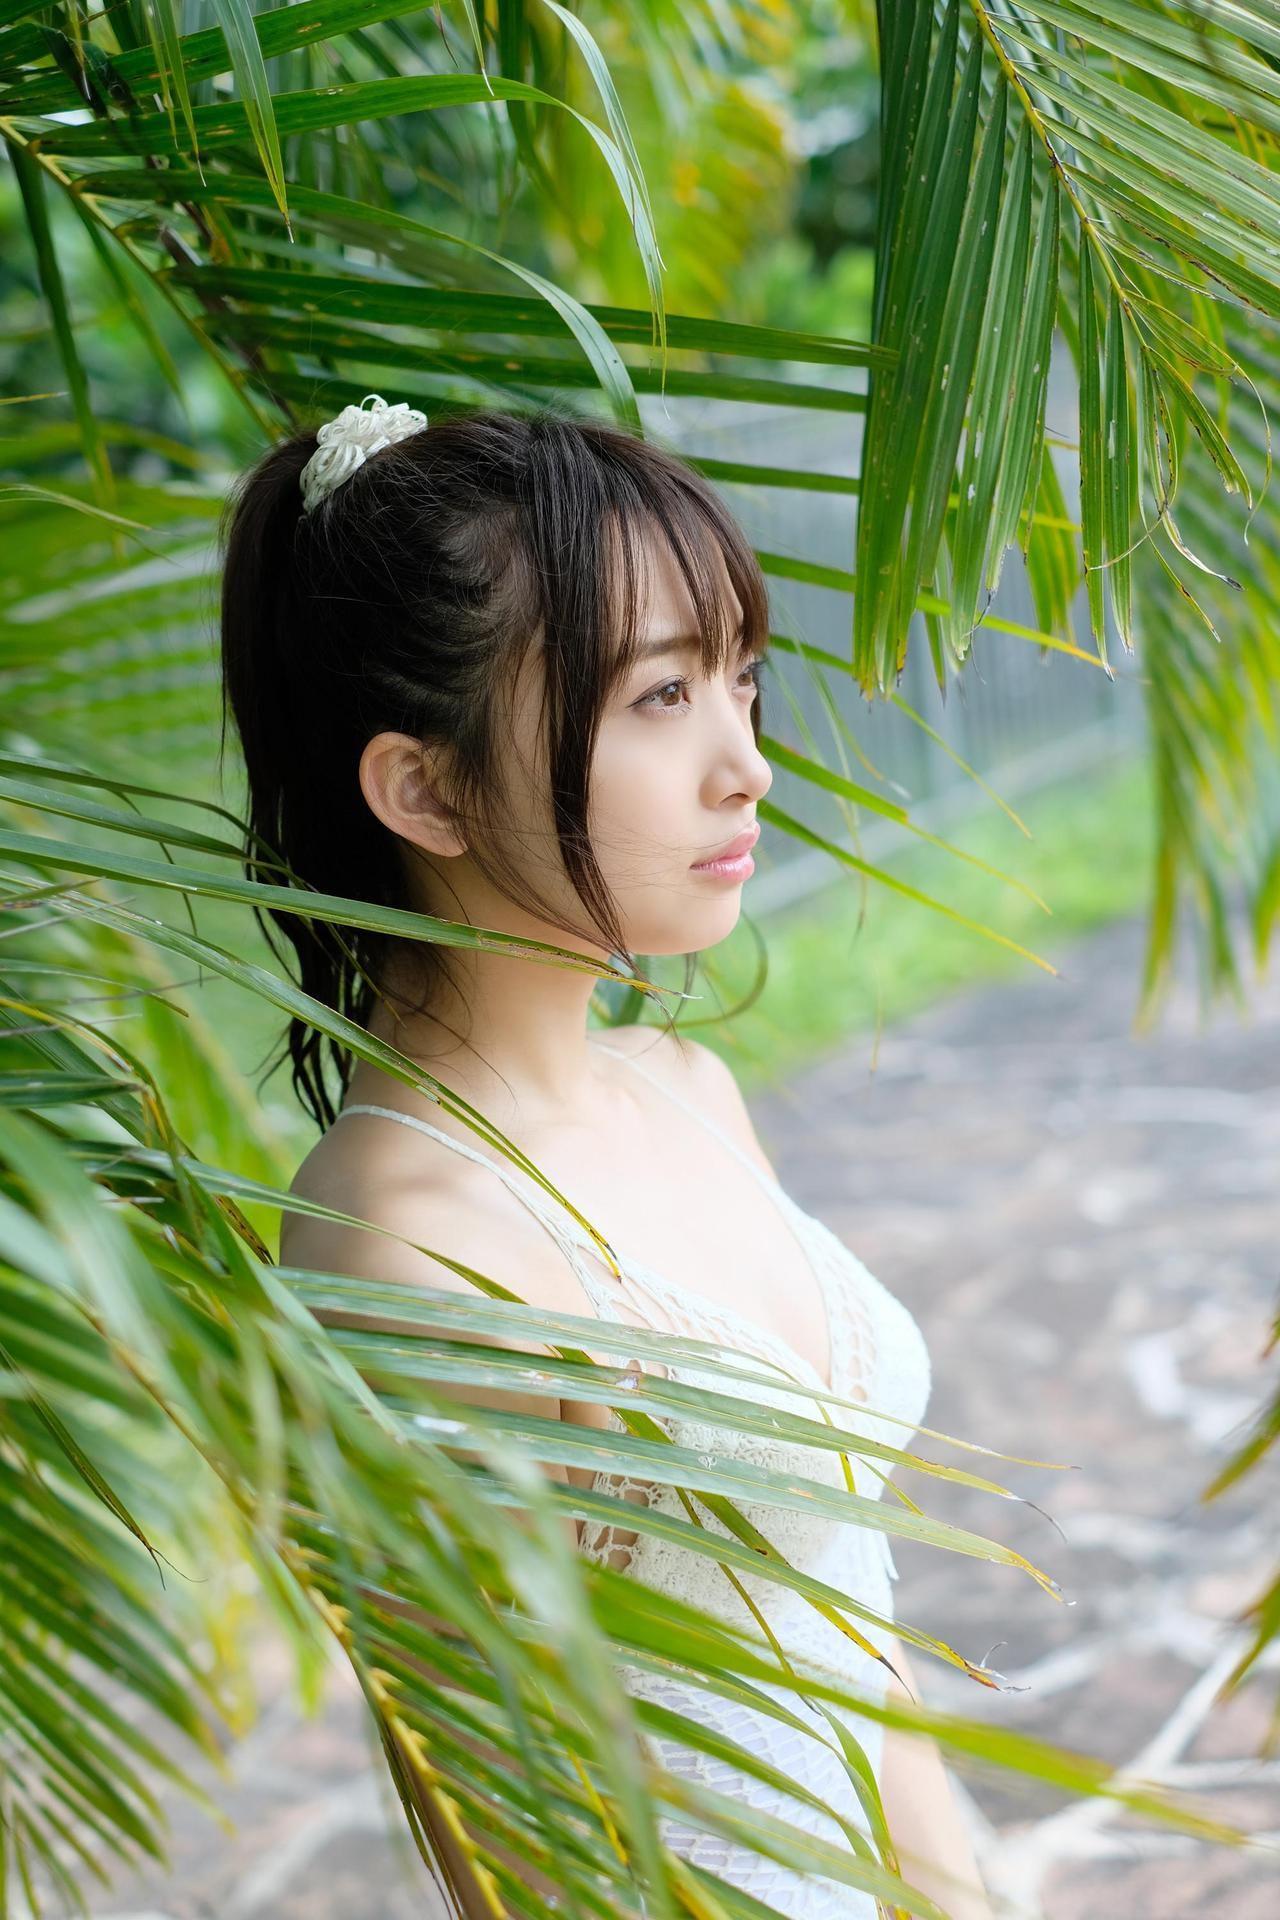 Watanabe 渡邉幸愛 - はじめまして、こうめです。